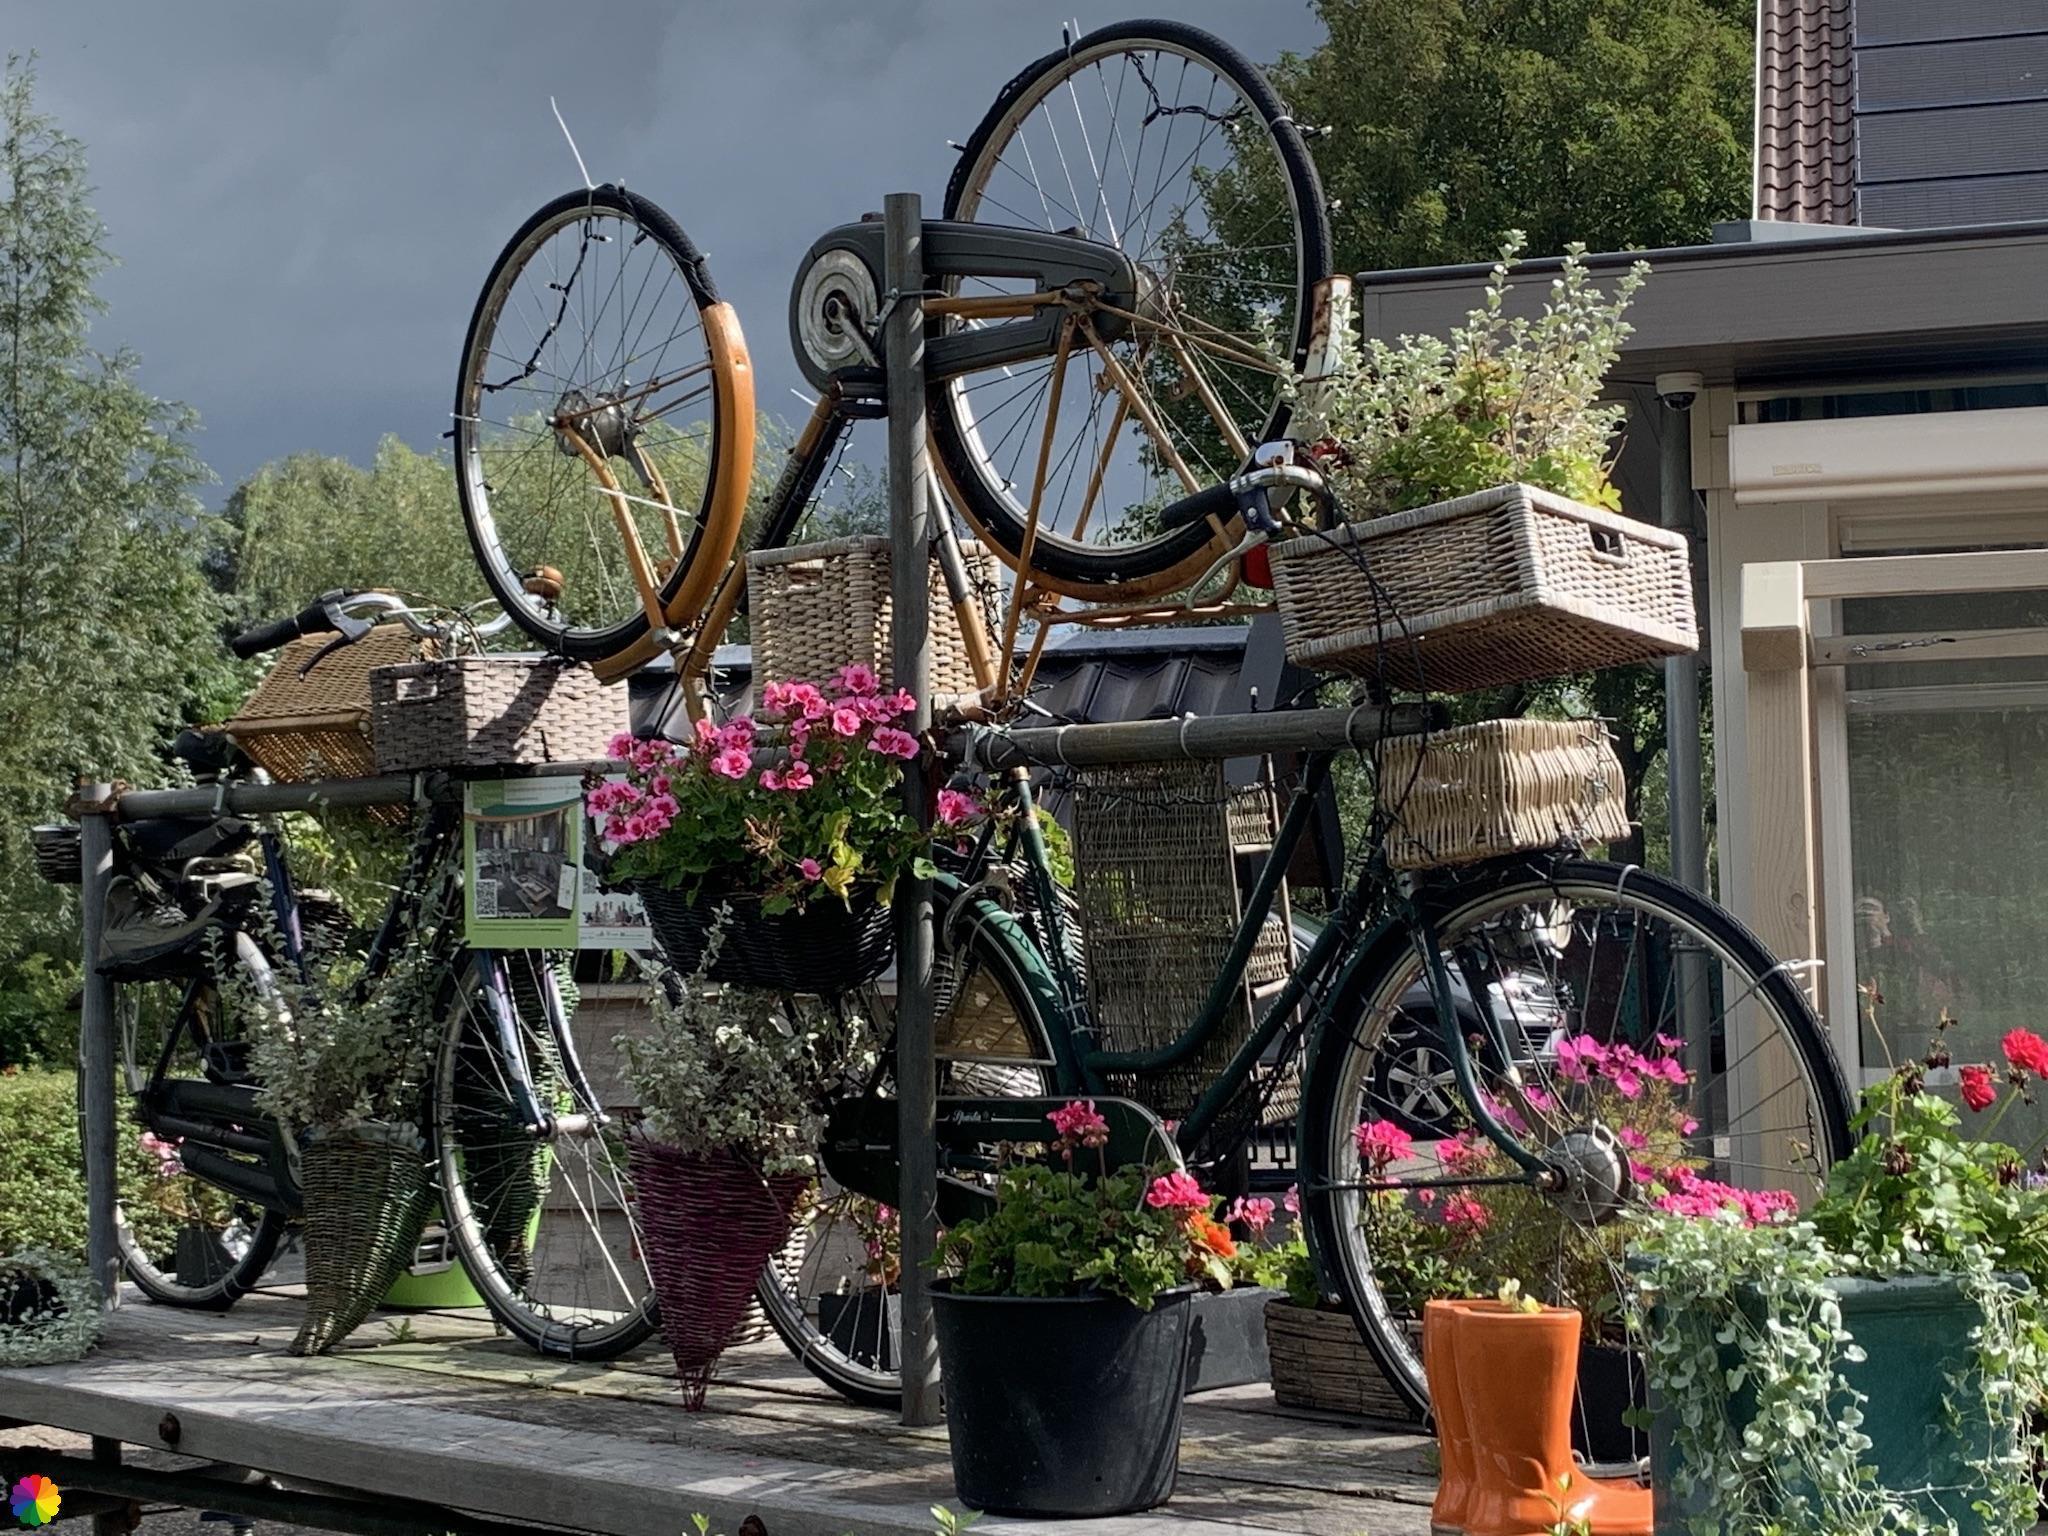 Kunstwerk van fietsen bij Willige Langerak